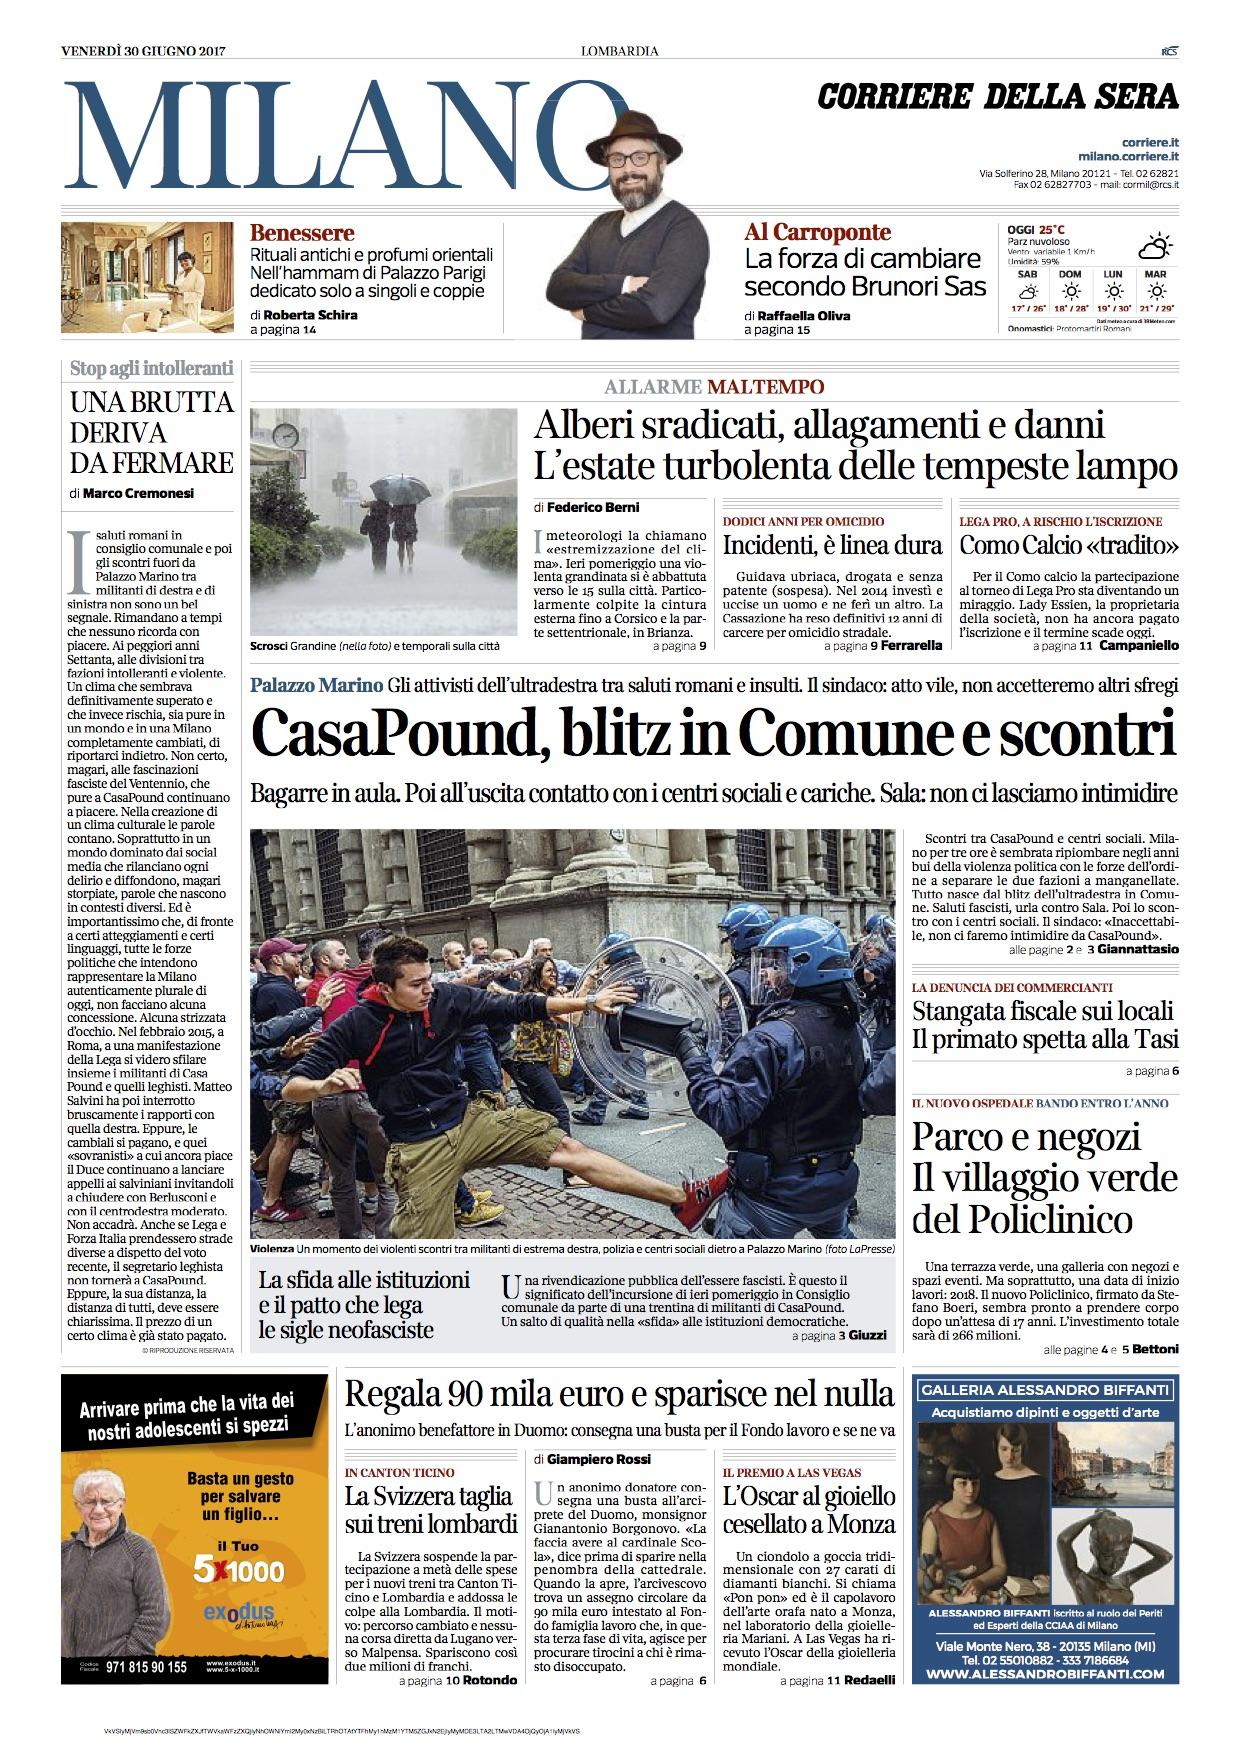 Il blitz di casapound a milano visto dai giornali in edicola for Giornali arredamento casa